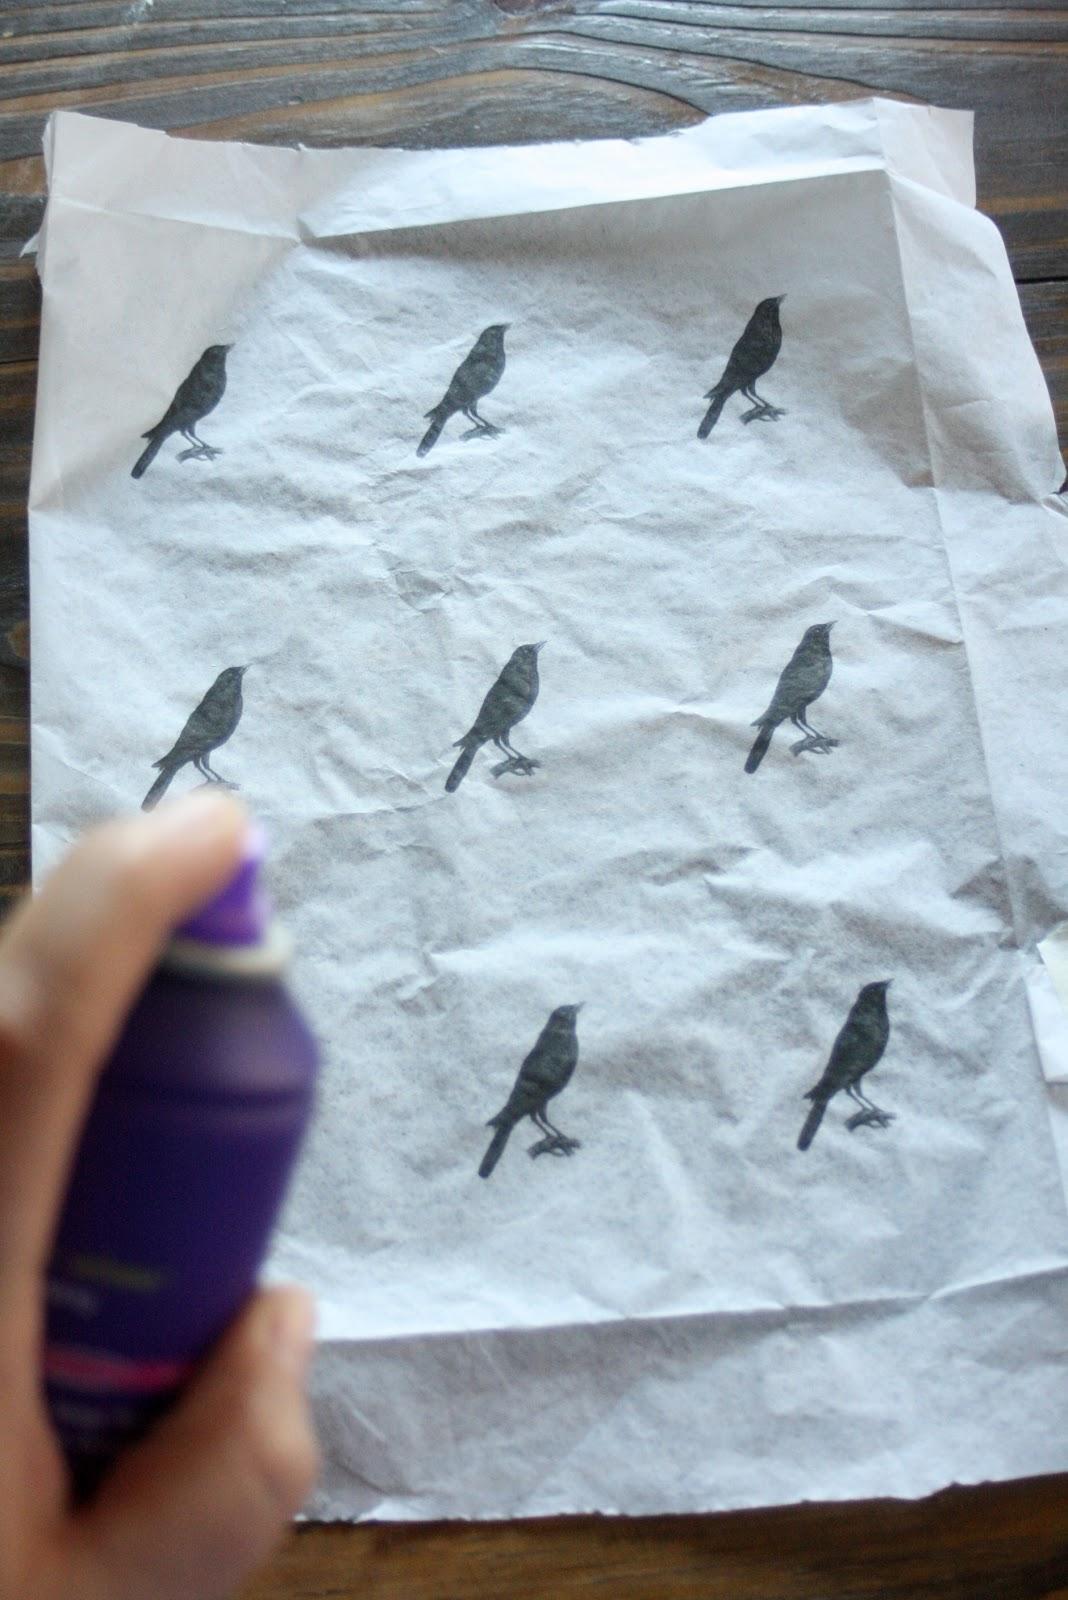 http://1.bp.blogspot.com/-toMXapVQRv8/UISIkxAgcHI/AAAAAAAANH0/H-SkYlZdhkI/s1600/seal+print+on+tissue+paper.JPG